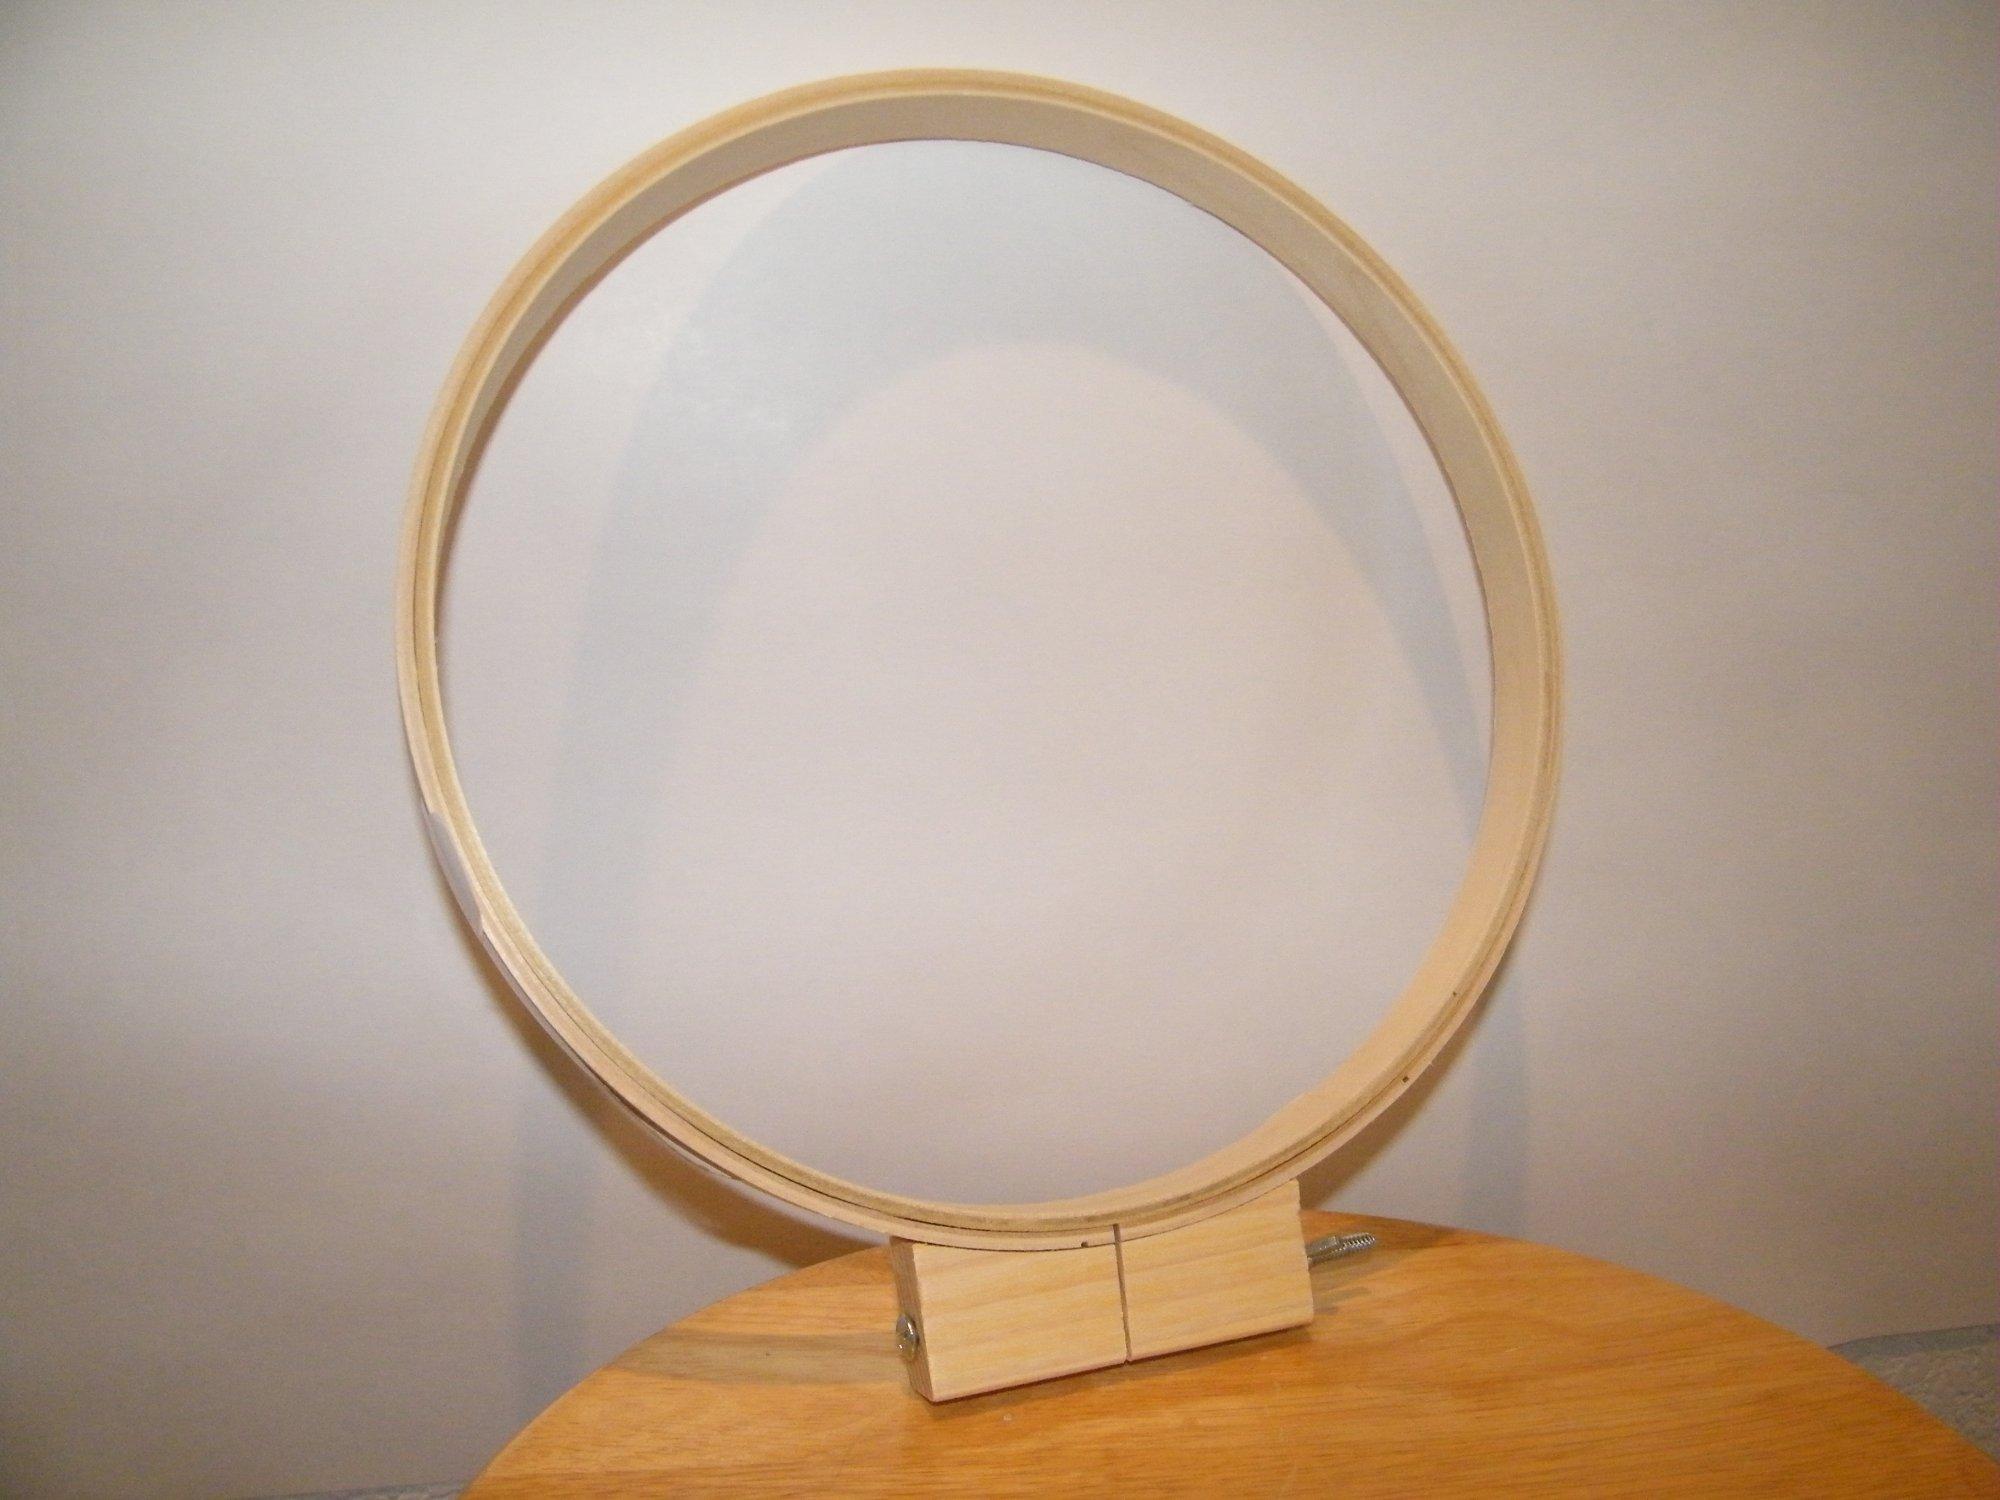 Loop by Loop 10 Quilting Hoop